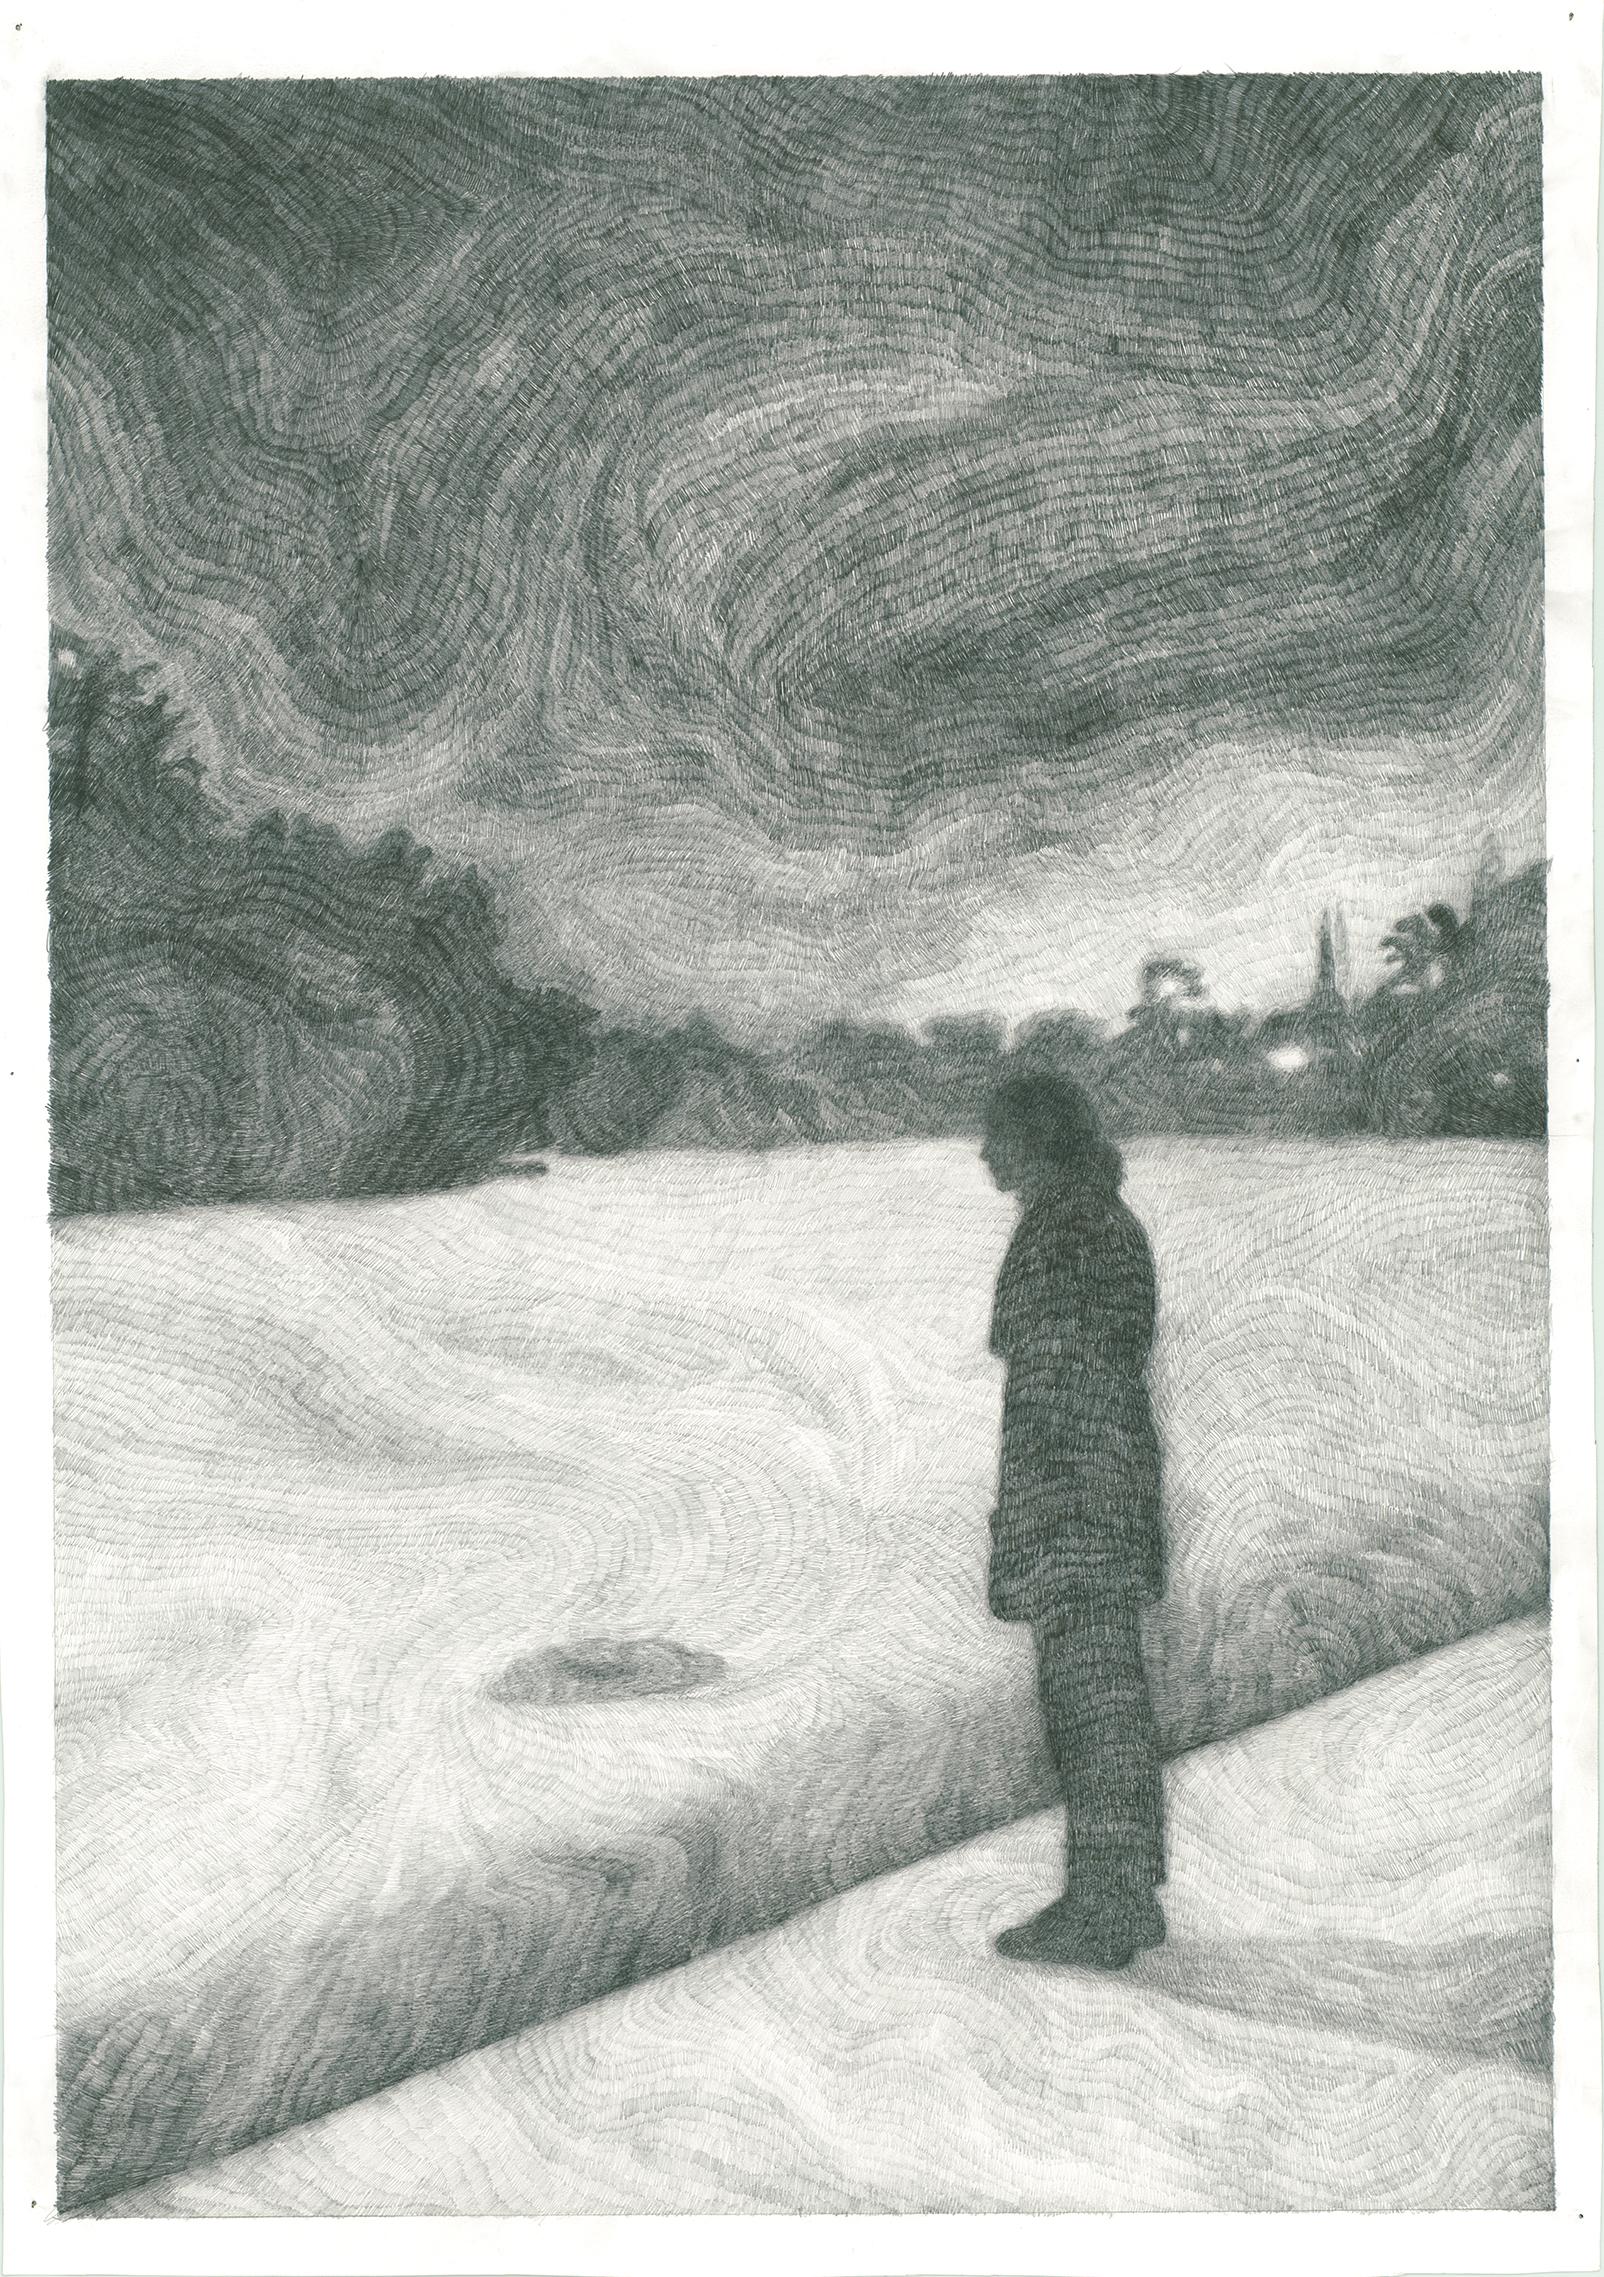 """Hier handelt es sich um die Zeichnung """"La frontière"""" von der Künstlerin Clémentine de Chabaneix."""